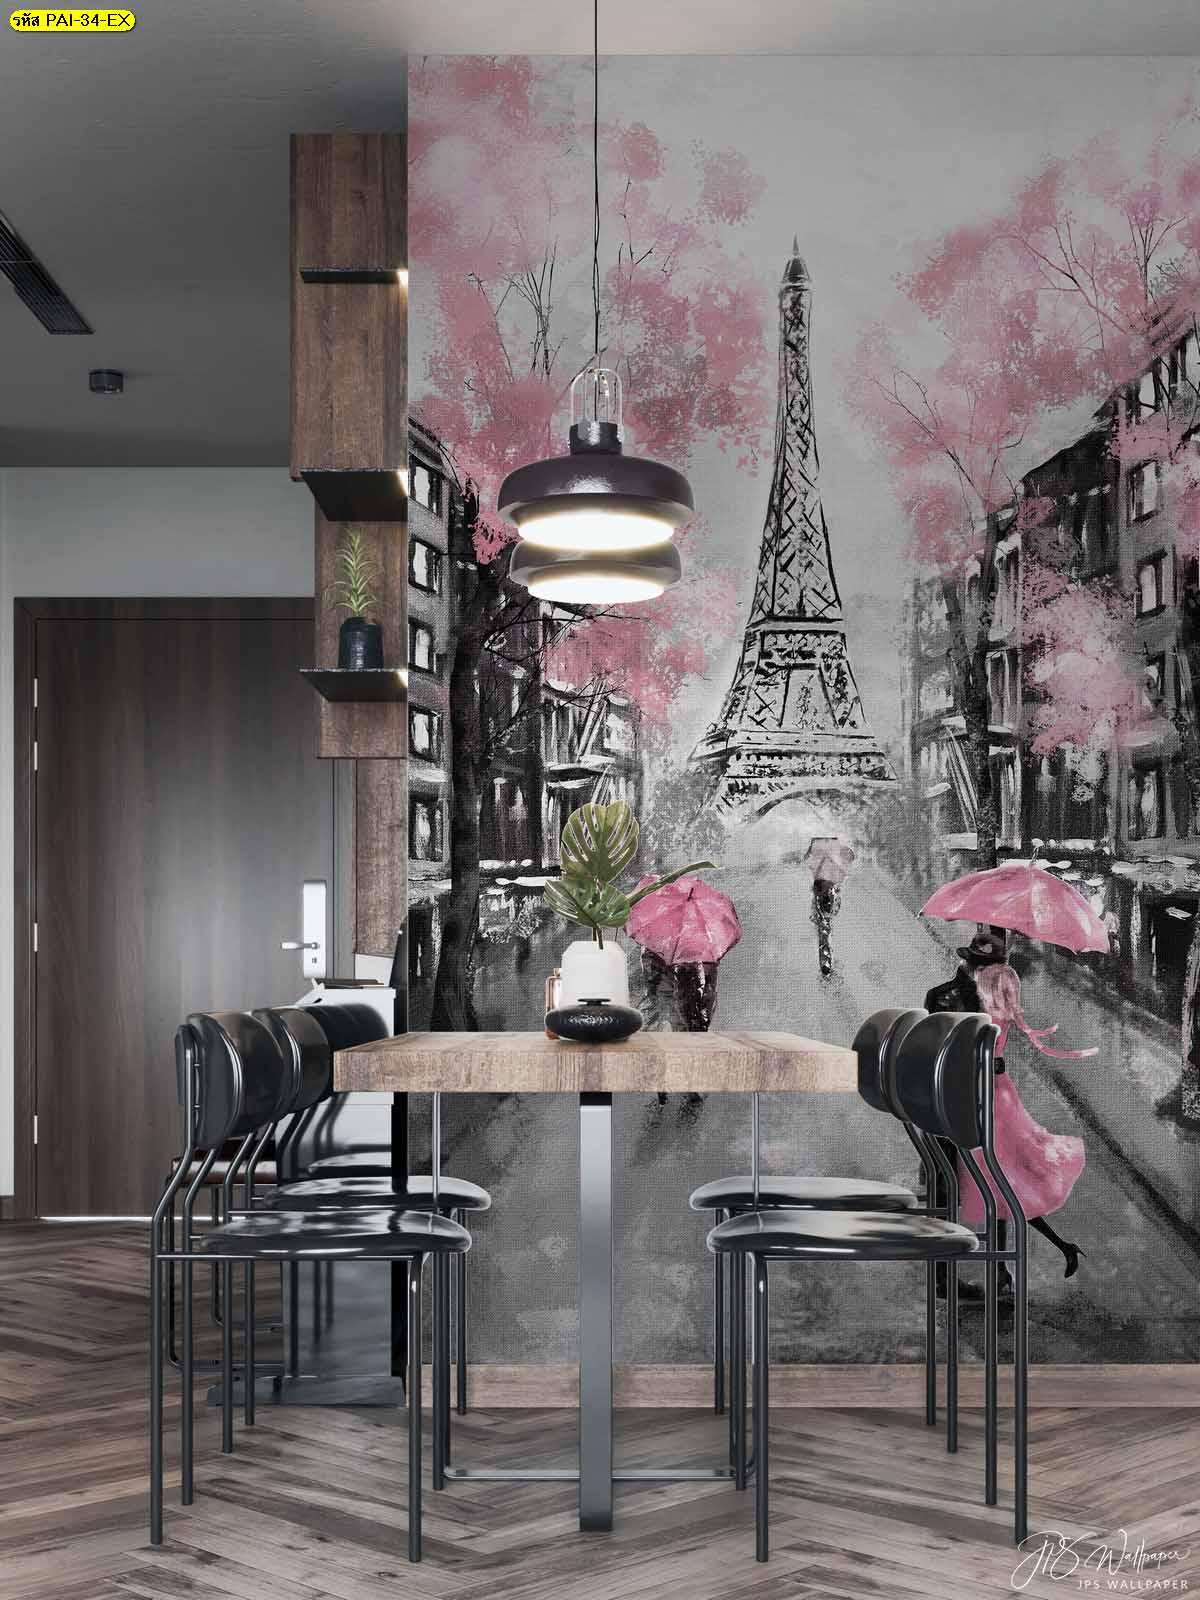 ไอเดียภาพวาดตกแต่งคอนโด คอนโดประดับภาพวาดคู่รักที่ปารีสตกแต่งสีชมพู